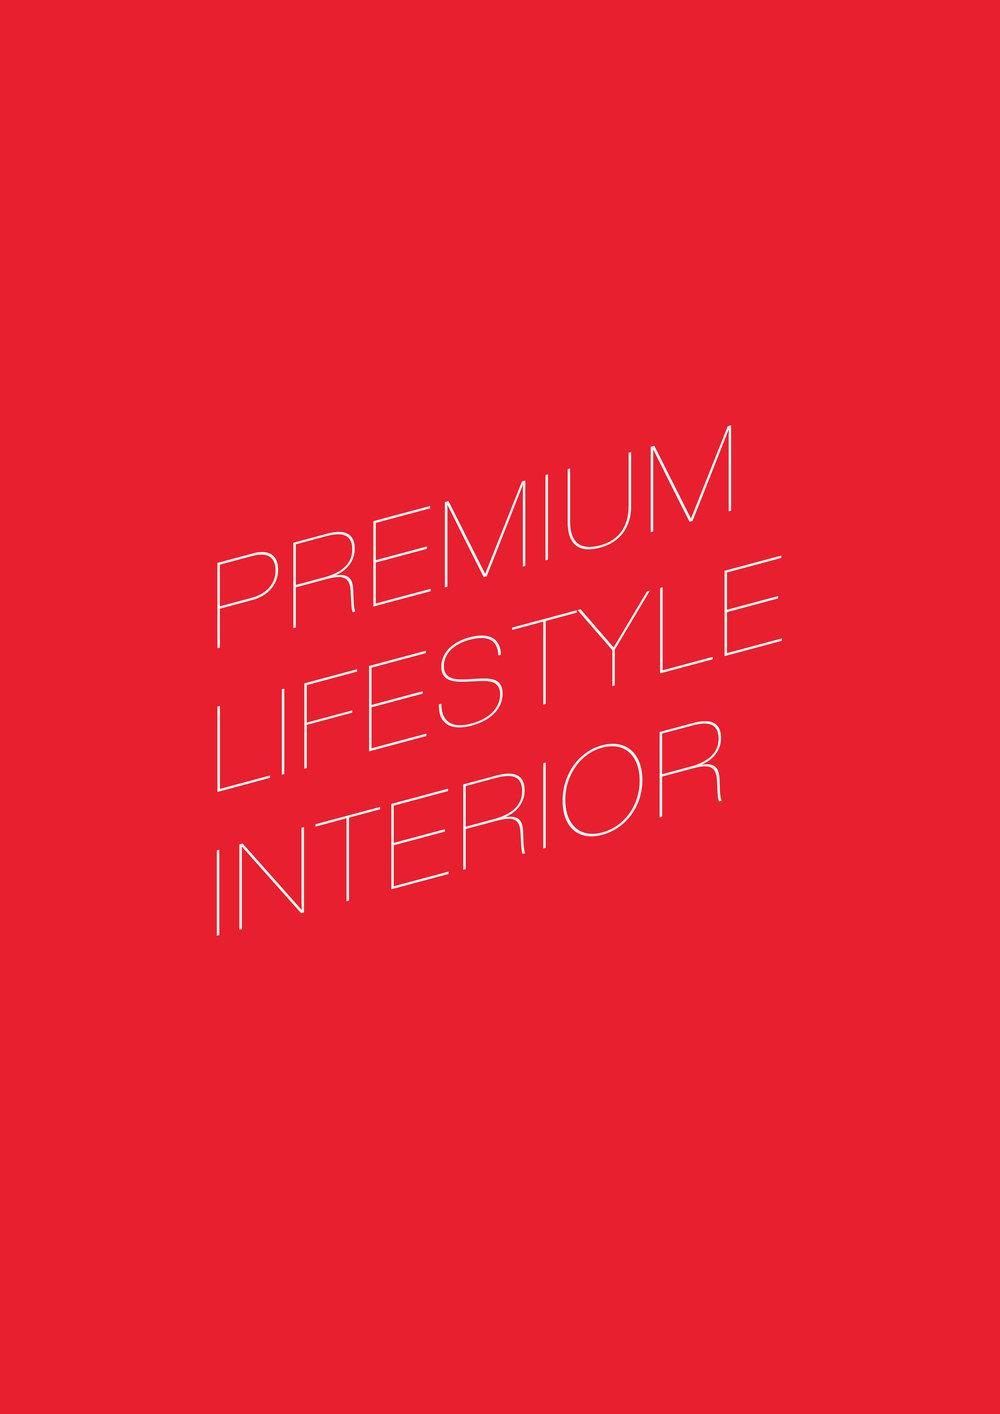 18_premium_lifestyle_interior.jpg